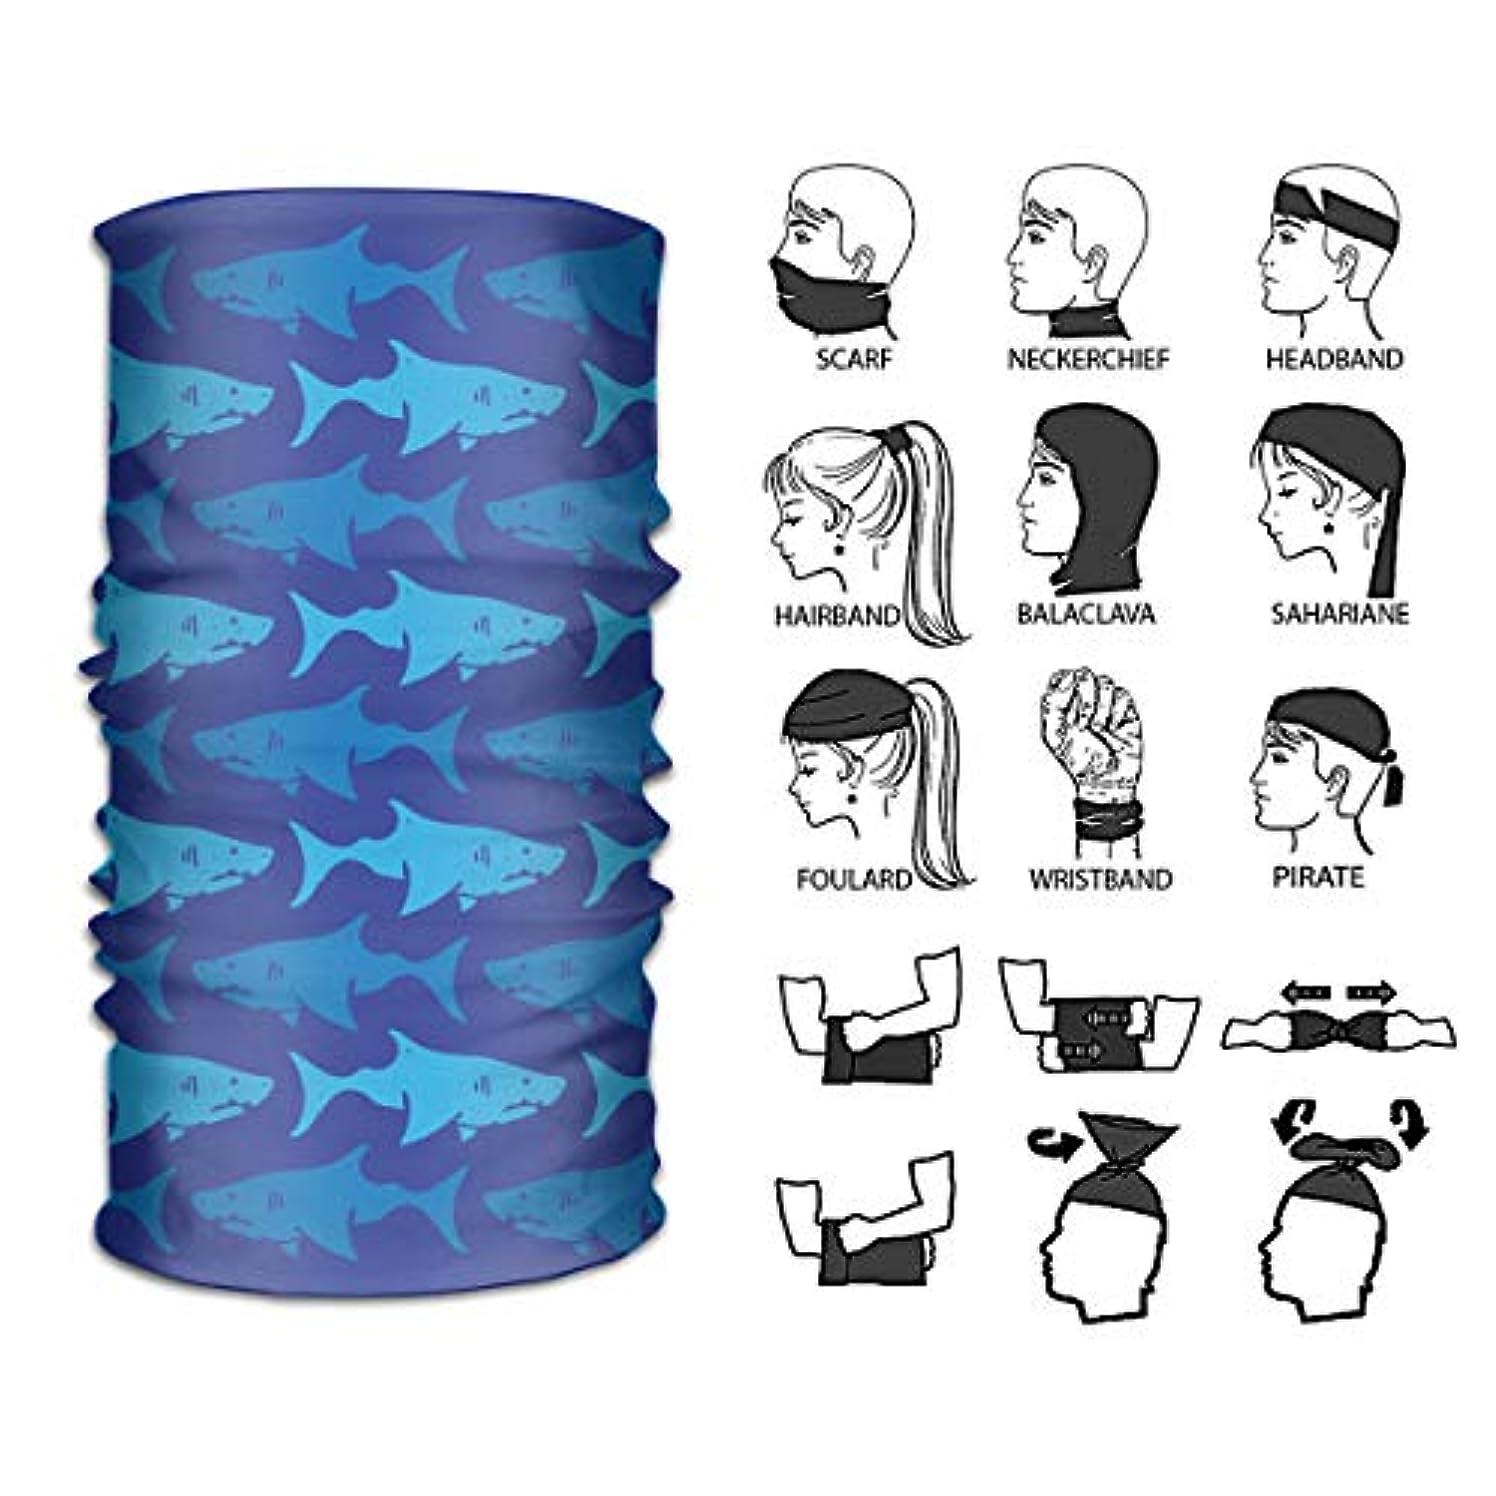 リーズリーズ一般サメ 模様 バンダナ 多機能チューブ型 帽子 フェイスマスク ヘアバンド マジックスカー 汗止め 伸縮性 通気性 ヘッドバンド 男女兼用 フリーサイズ ヨガ/スポーツ/洗顔用に 使い方10通り以上